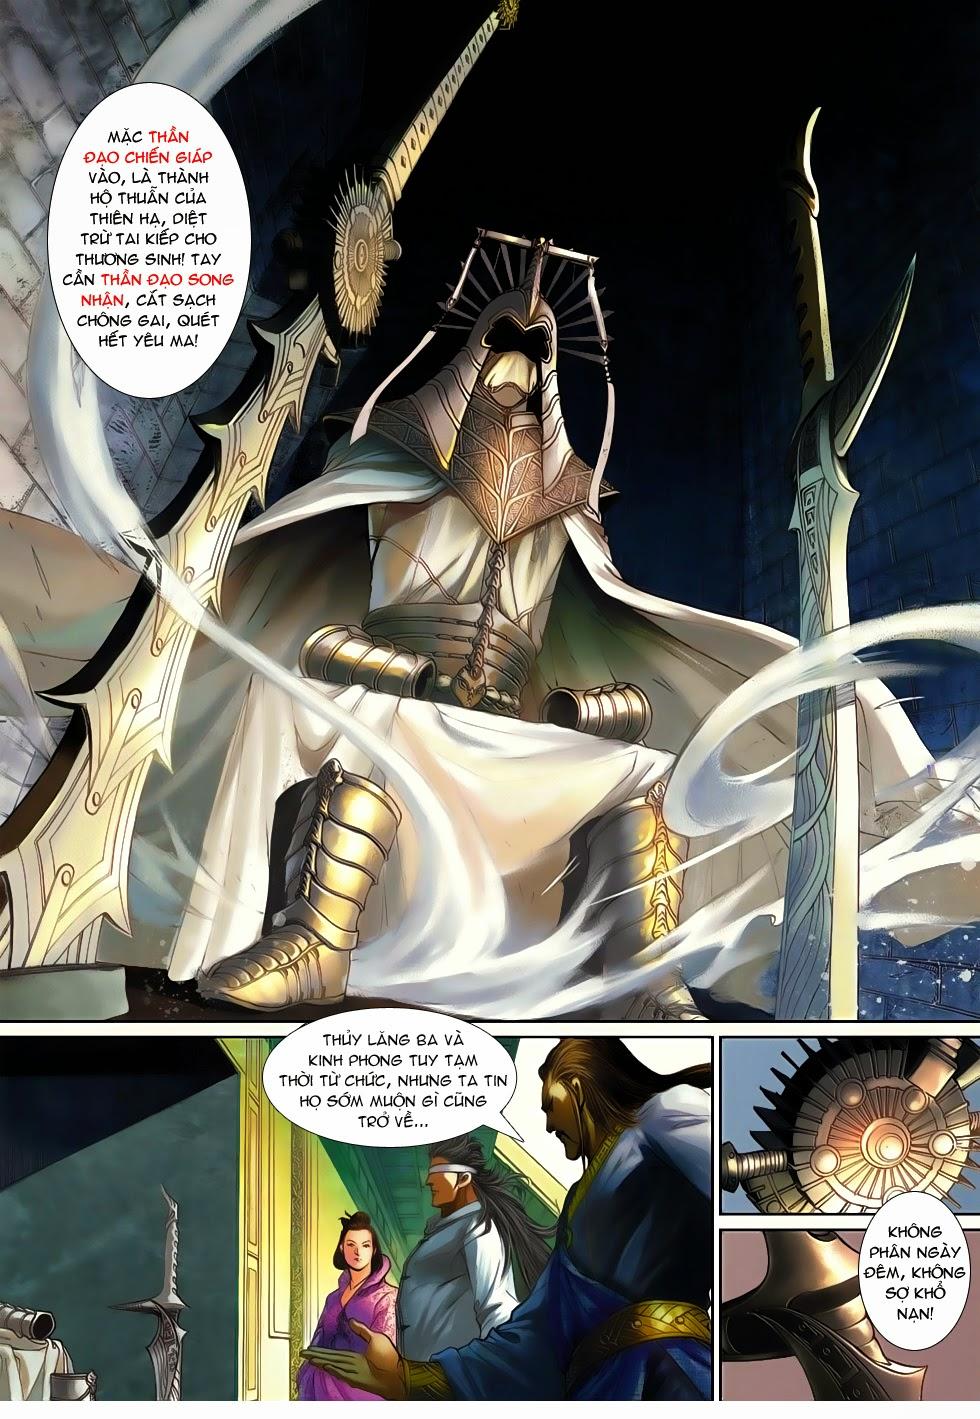 Thần Binh Tiền Truyện 4 - Huyền Thiên Tà Đế chap 10 - Trang 4